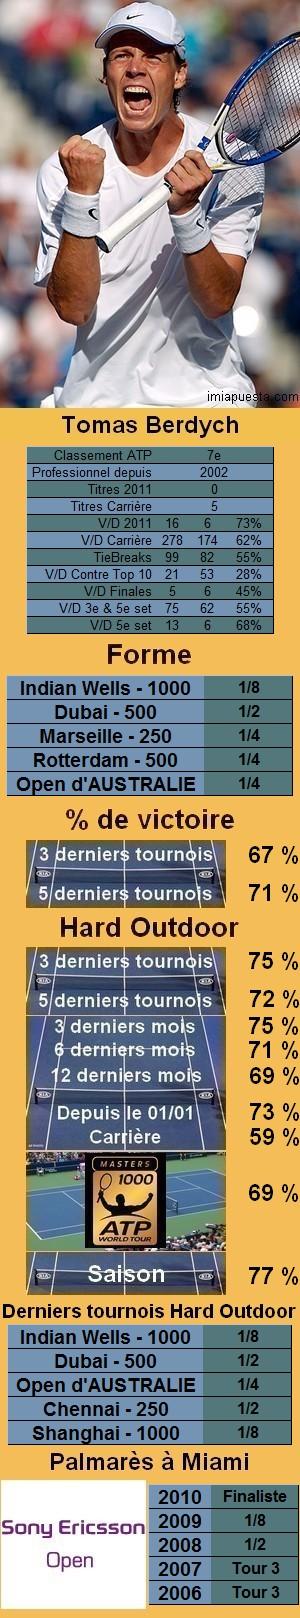 Les statistiques tennis de Tomas Berdych pour le tournoi de Miami